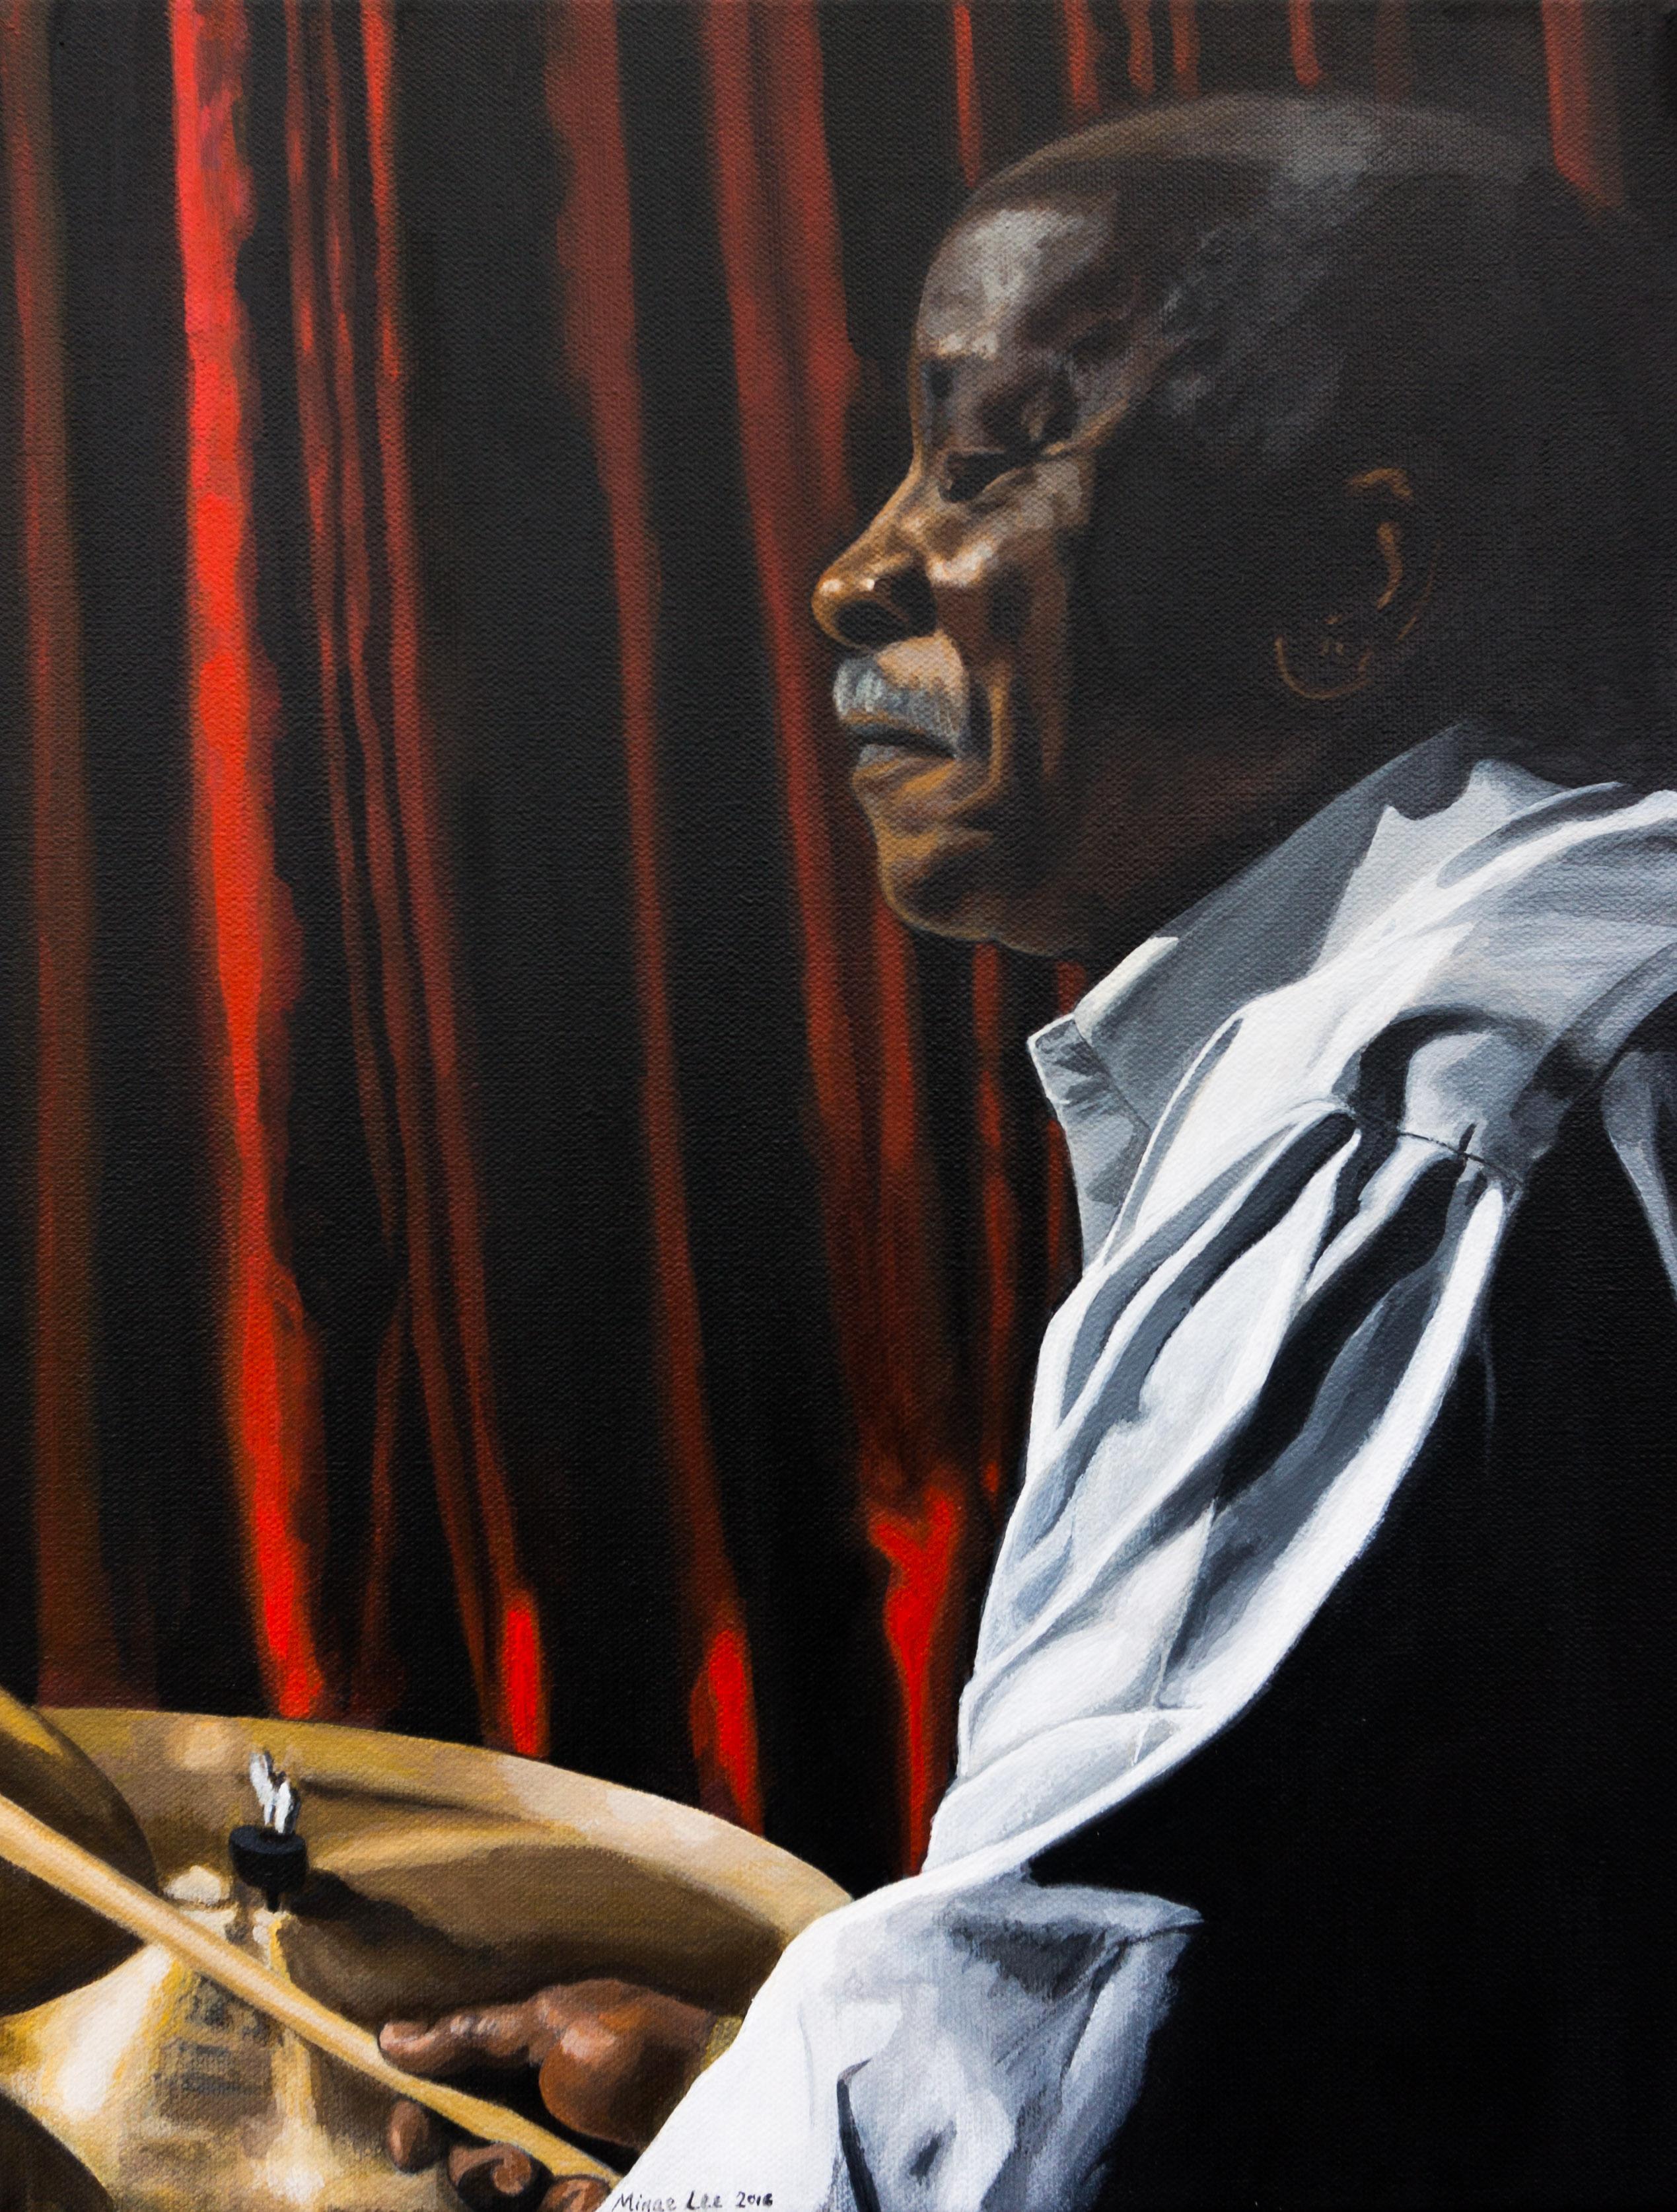 Mel Brown, Portland jazz drummer